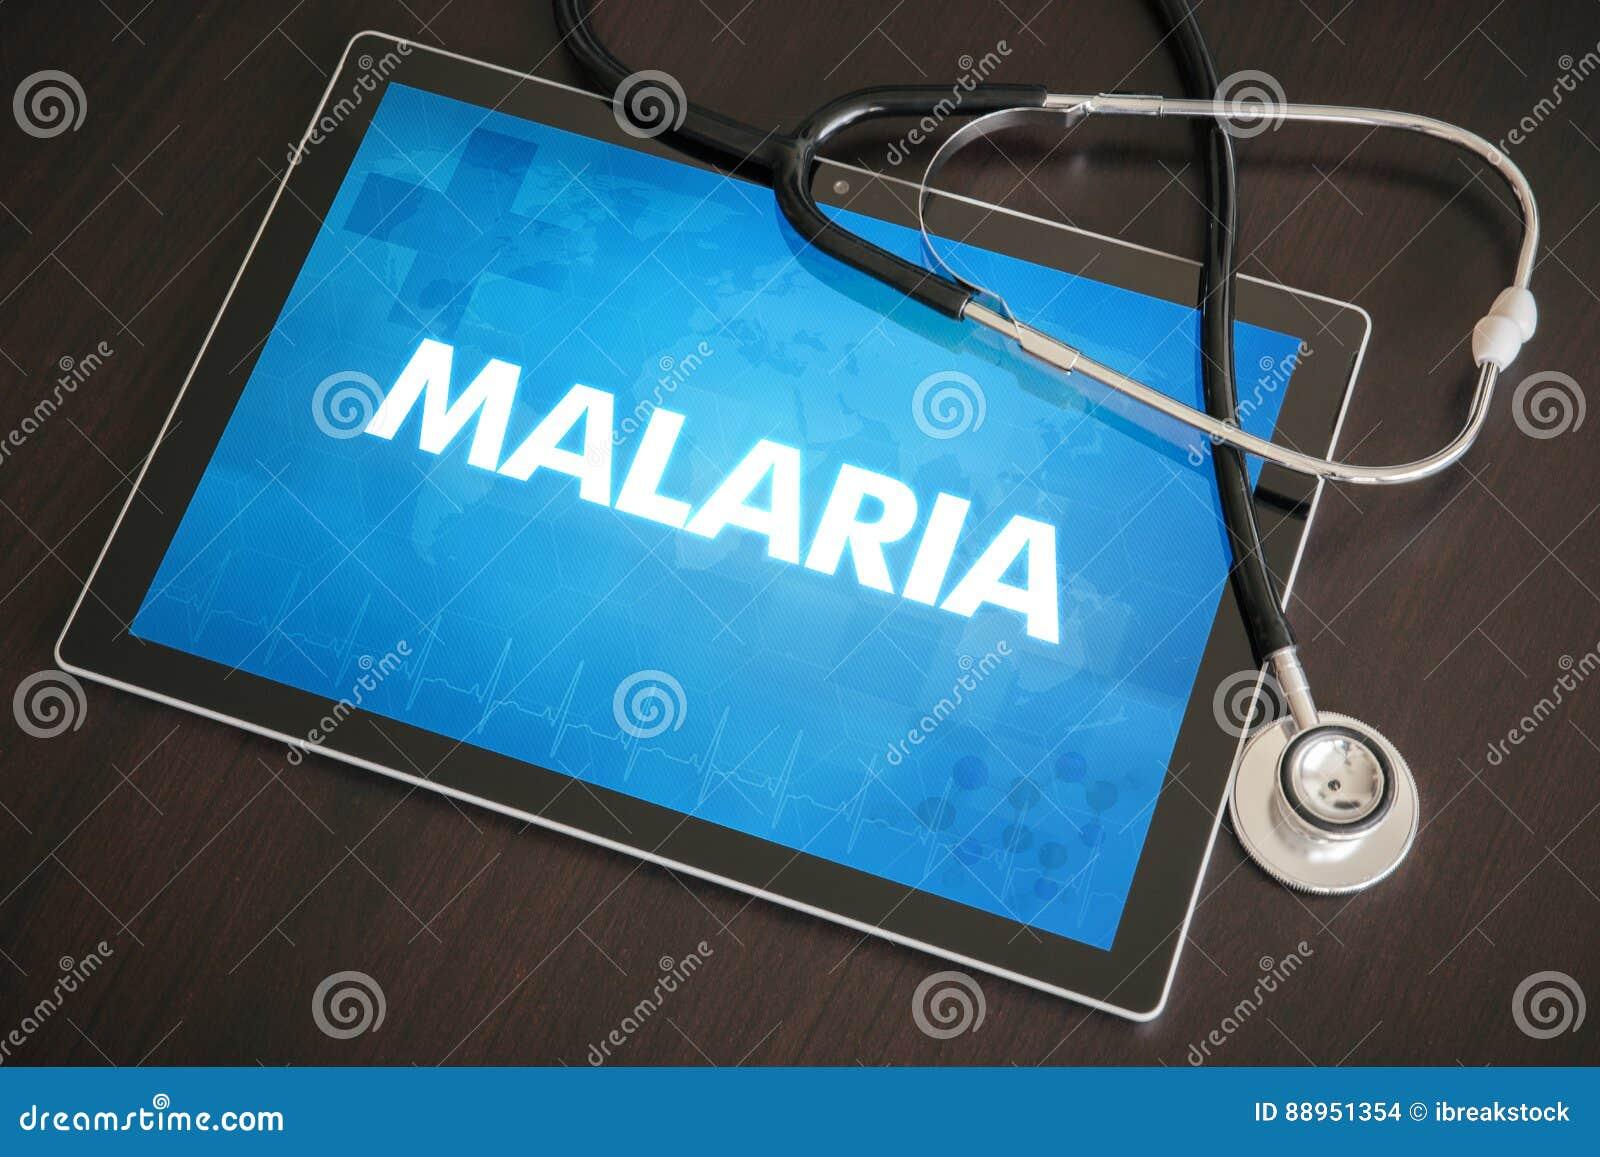 Van de malaria (infectieziekte) diagnose het medische concept op tablet